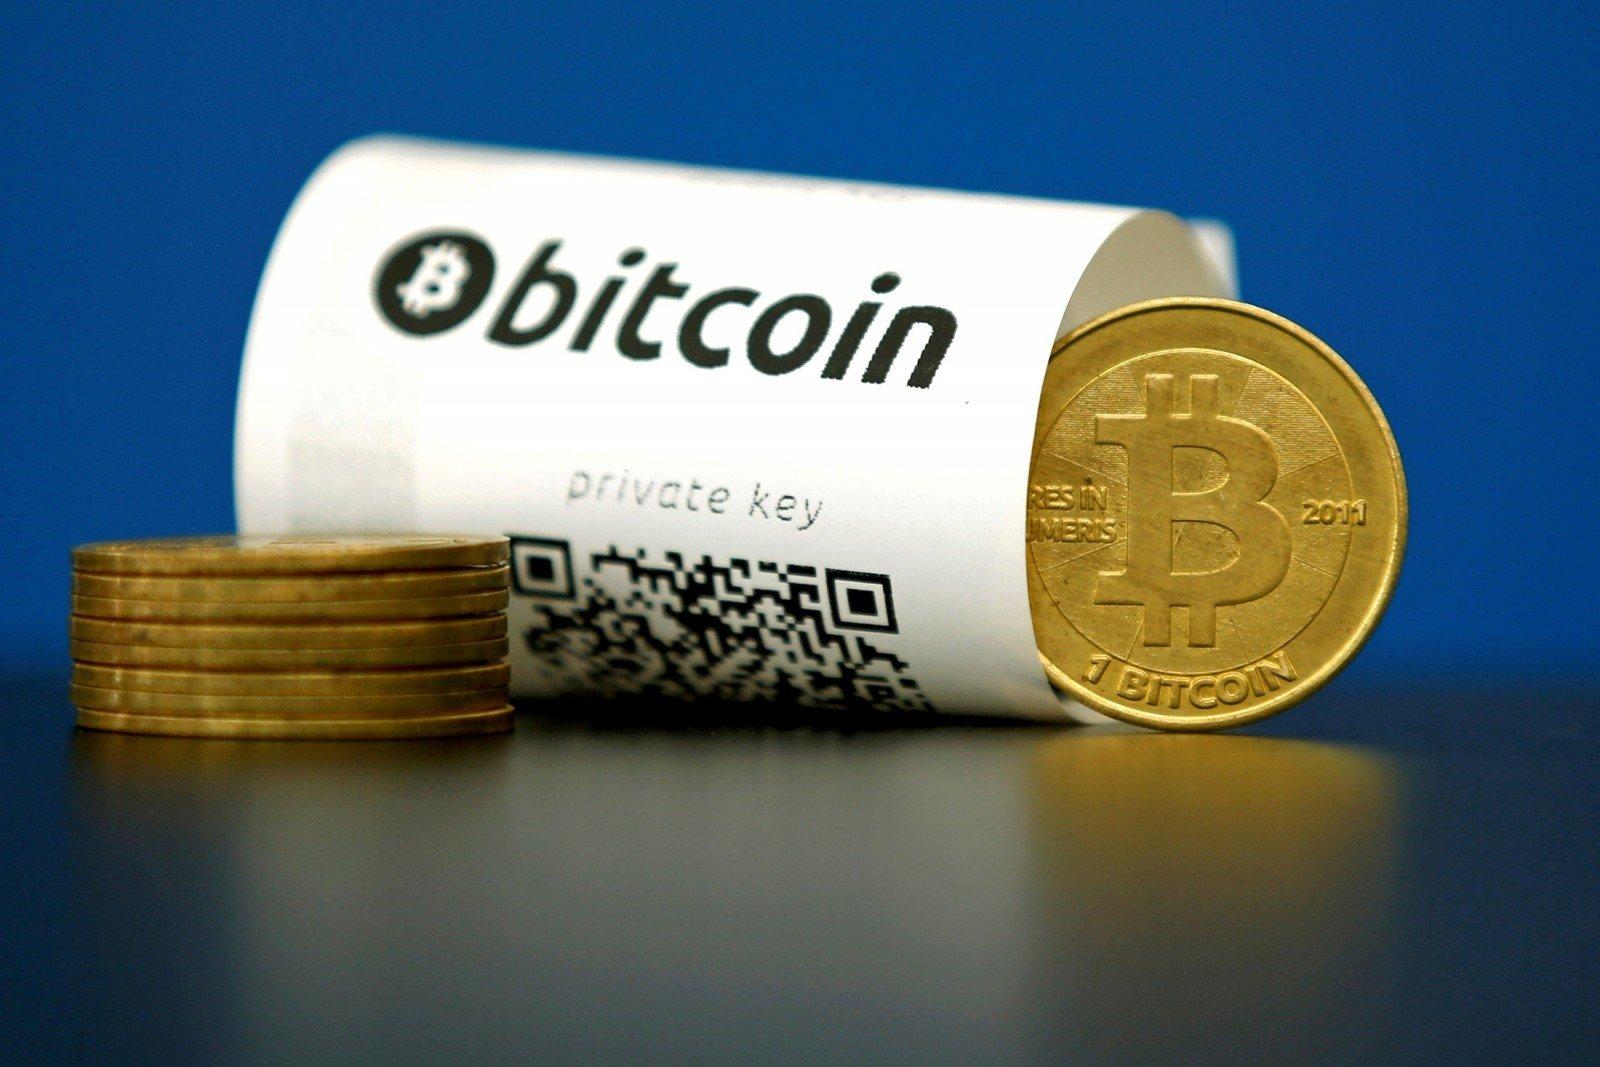 bitcoin kursas savaitei